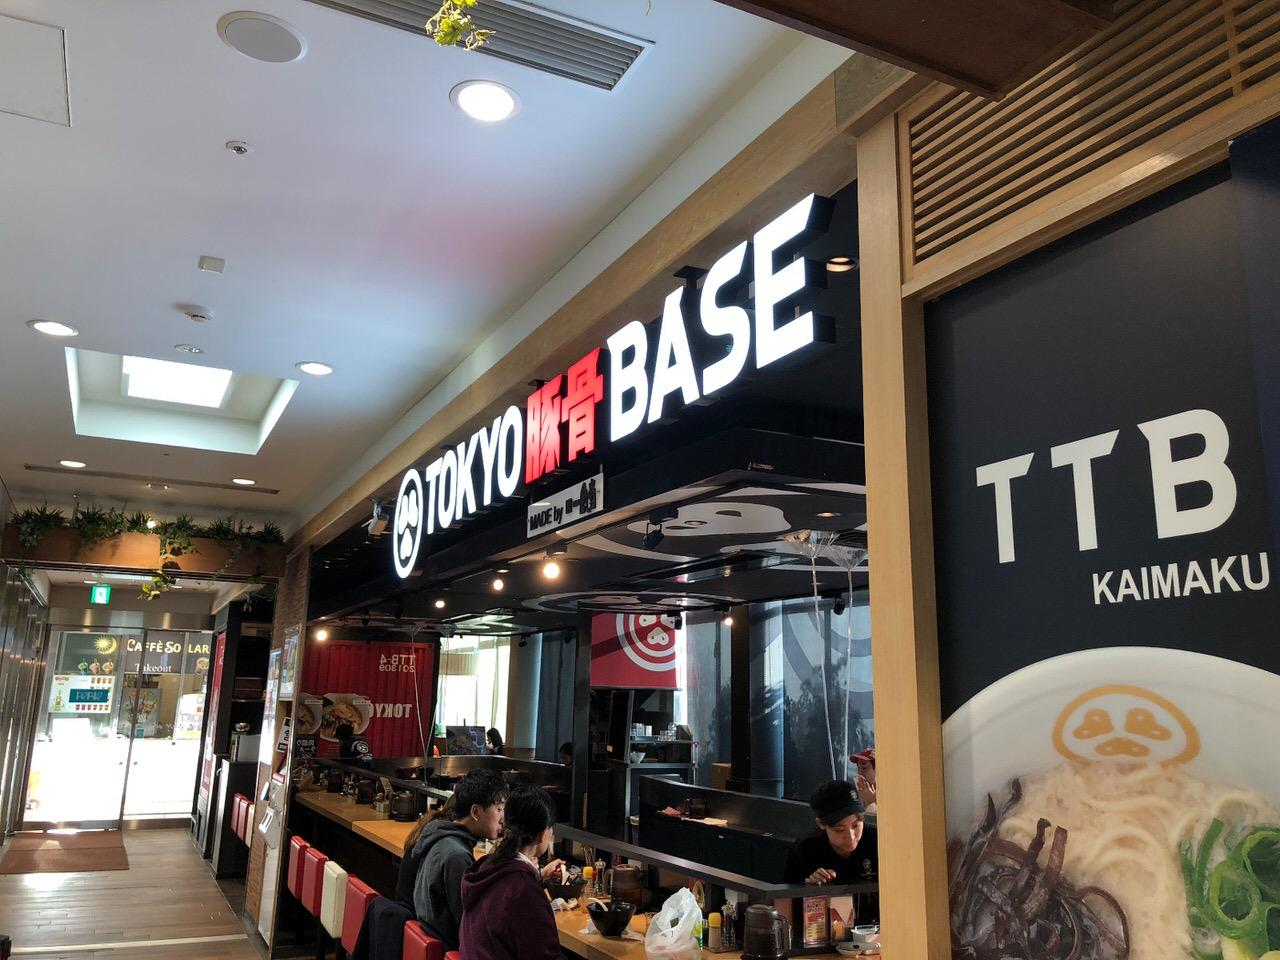 「TOKYO豚骨BASE」海浜幕張駅で食べられる博多一風堂プロデュースの豚骨ラーメン